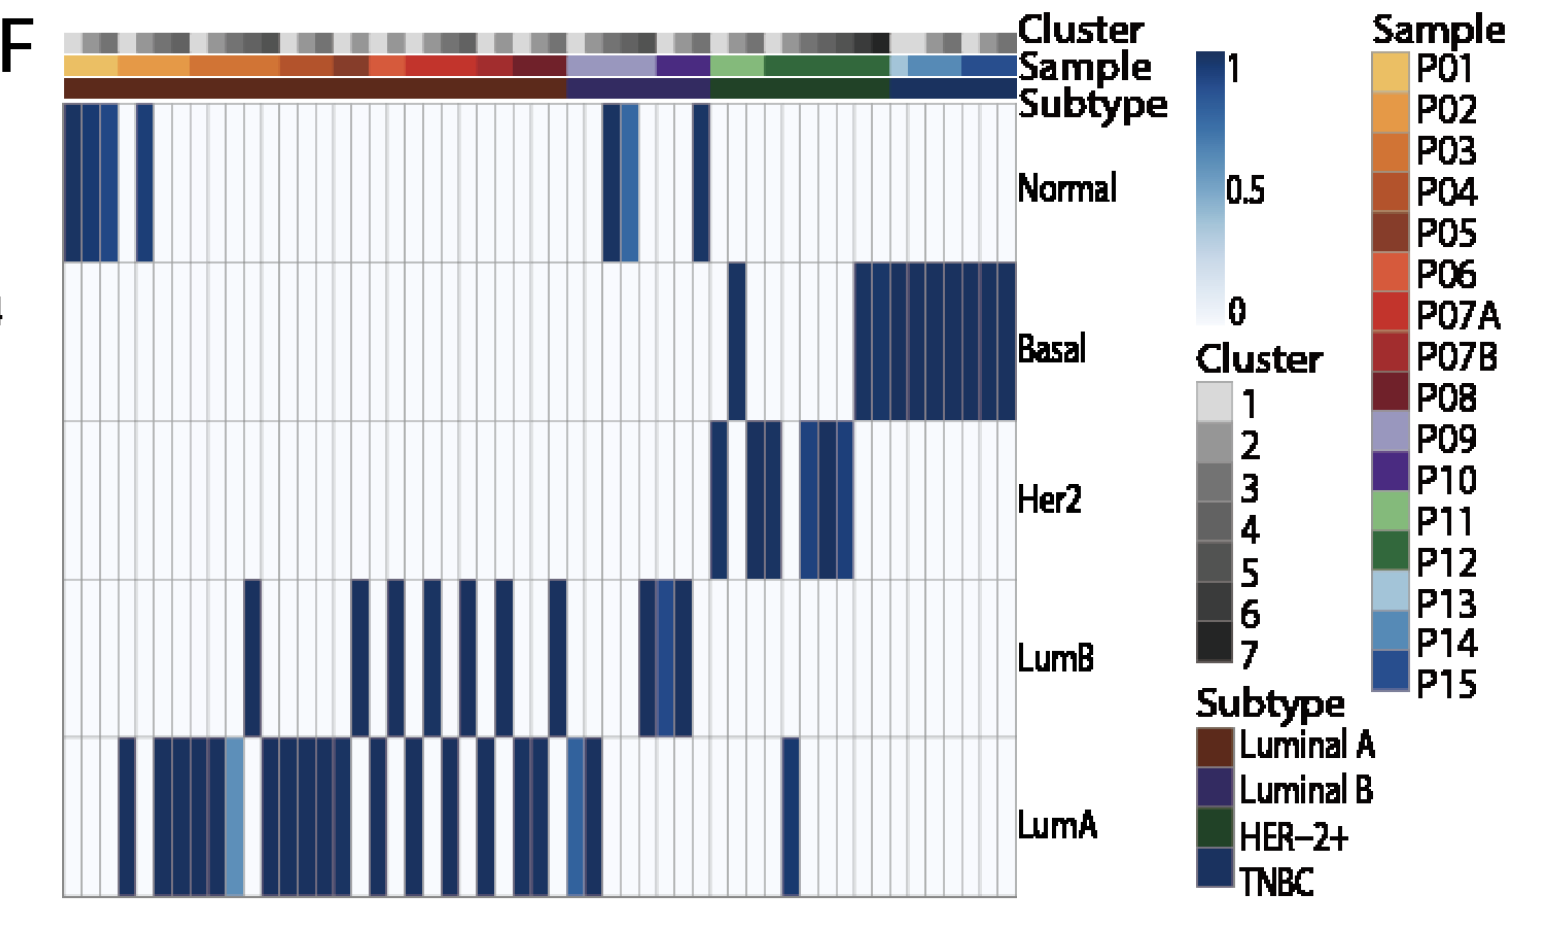 PAM50-heatmap-cells-of-patients.png